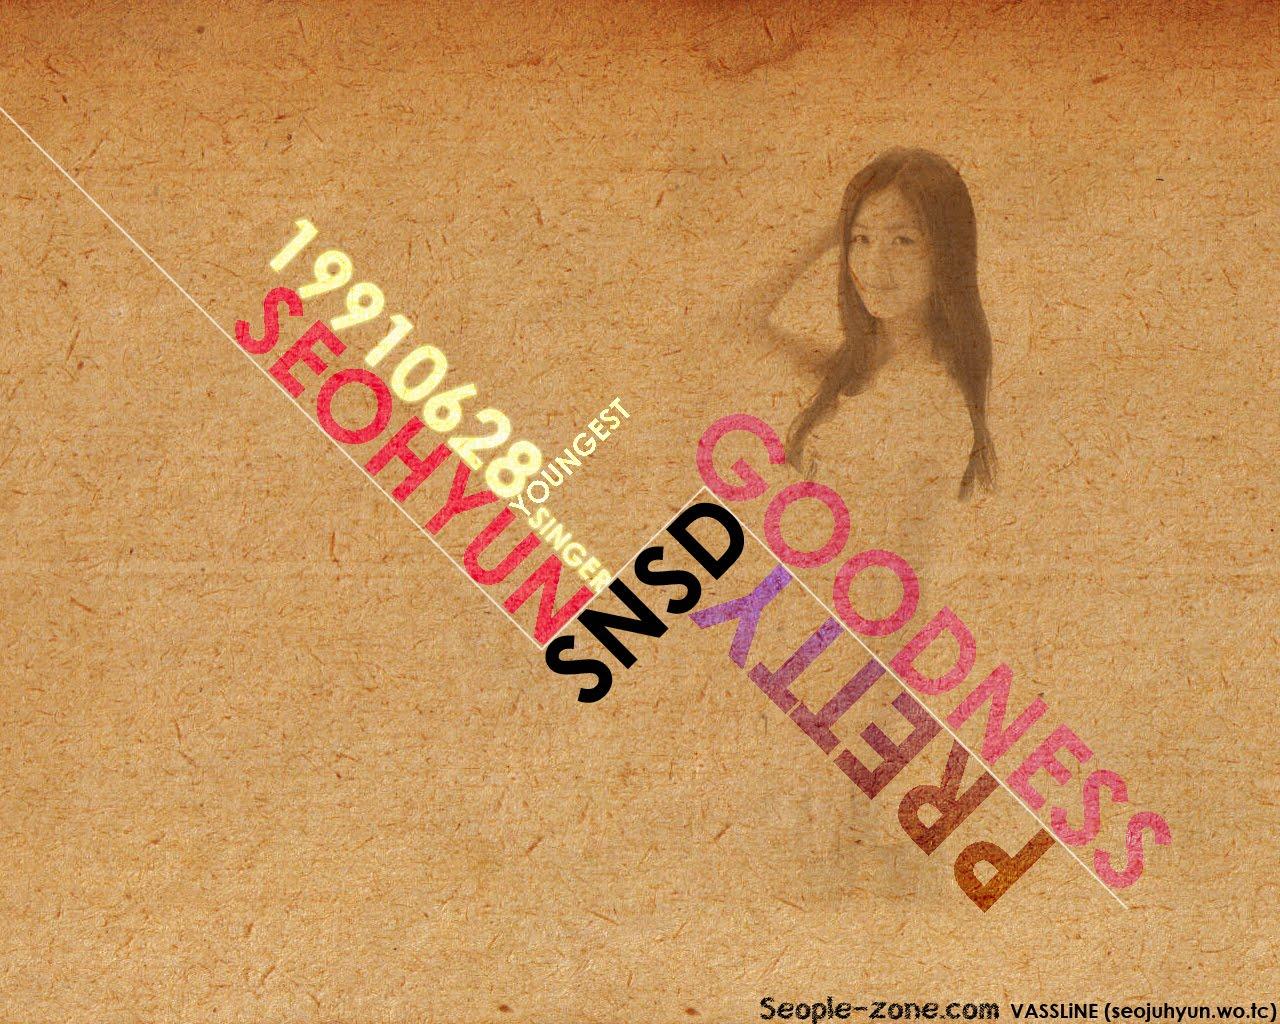 http://1.bp.blogspot.com/-AVreVOA7RVM/TbvEQ9W5nLI/AAAAAAAAAGs/iQKaCMftDg0/s1600/SEOHYUN+WALLPAPER-26.jpg